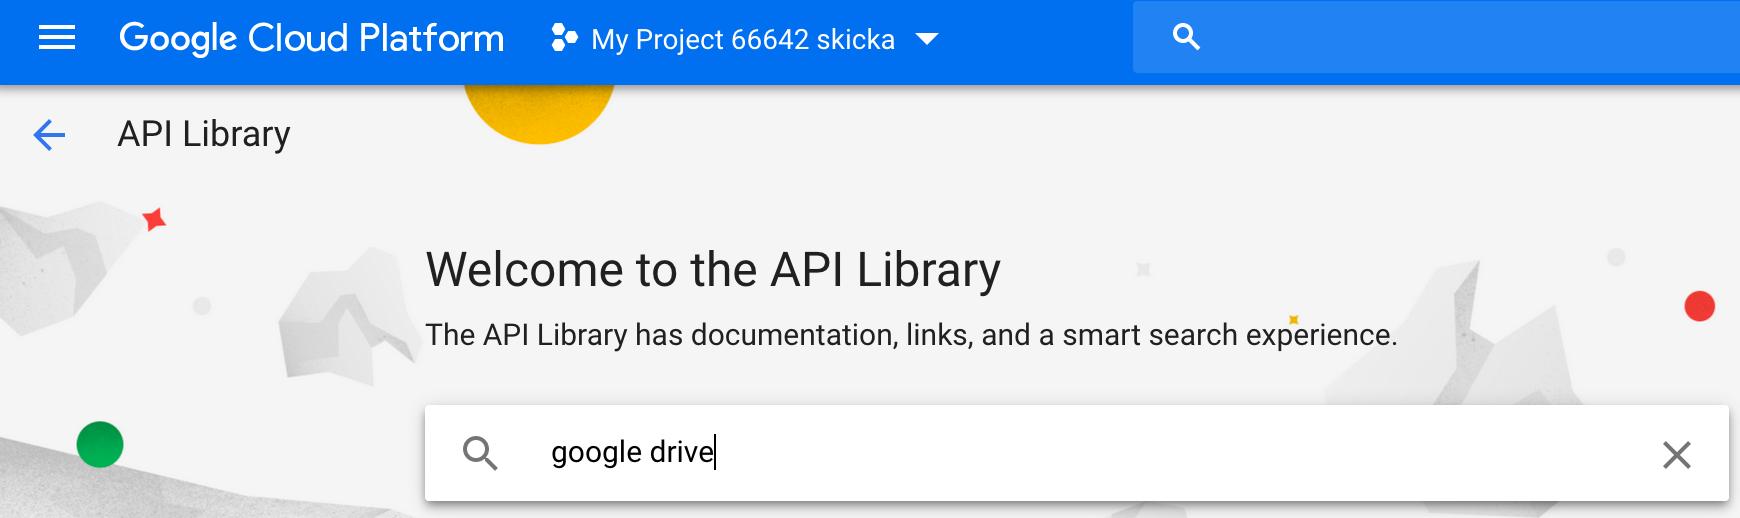 に では 機能 アプリ 的 無効 この google ログイン 一時 で が